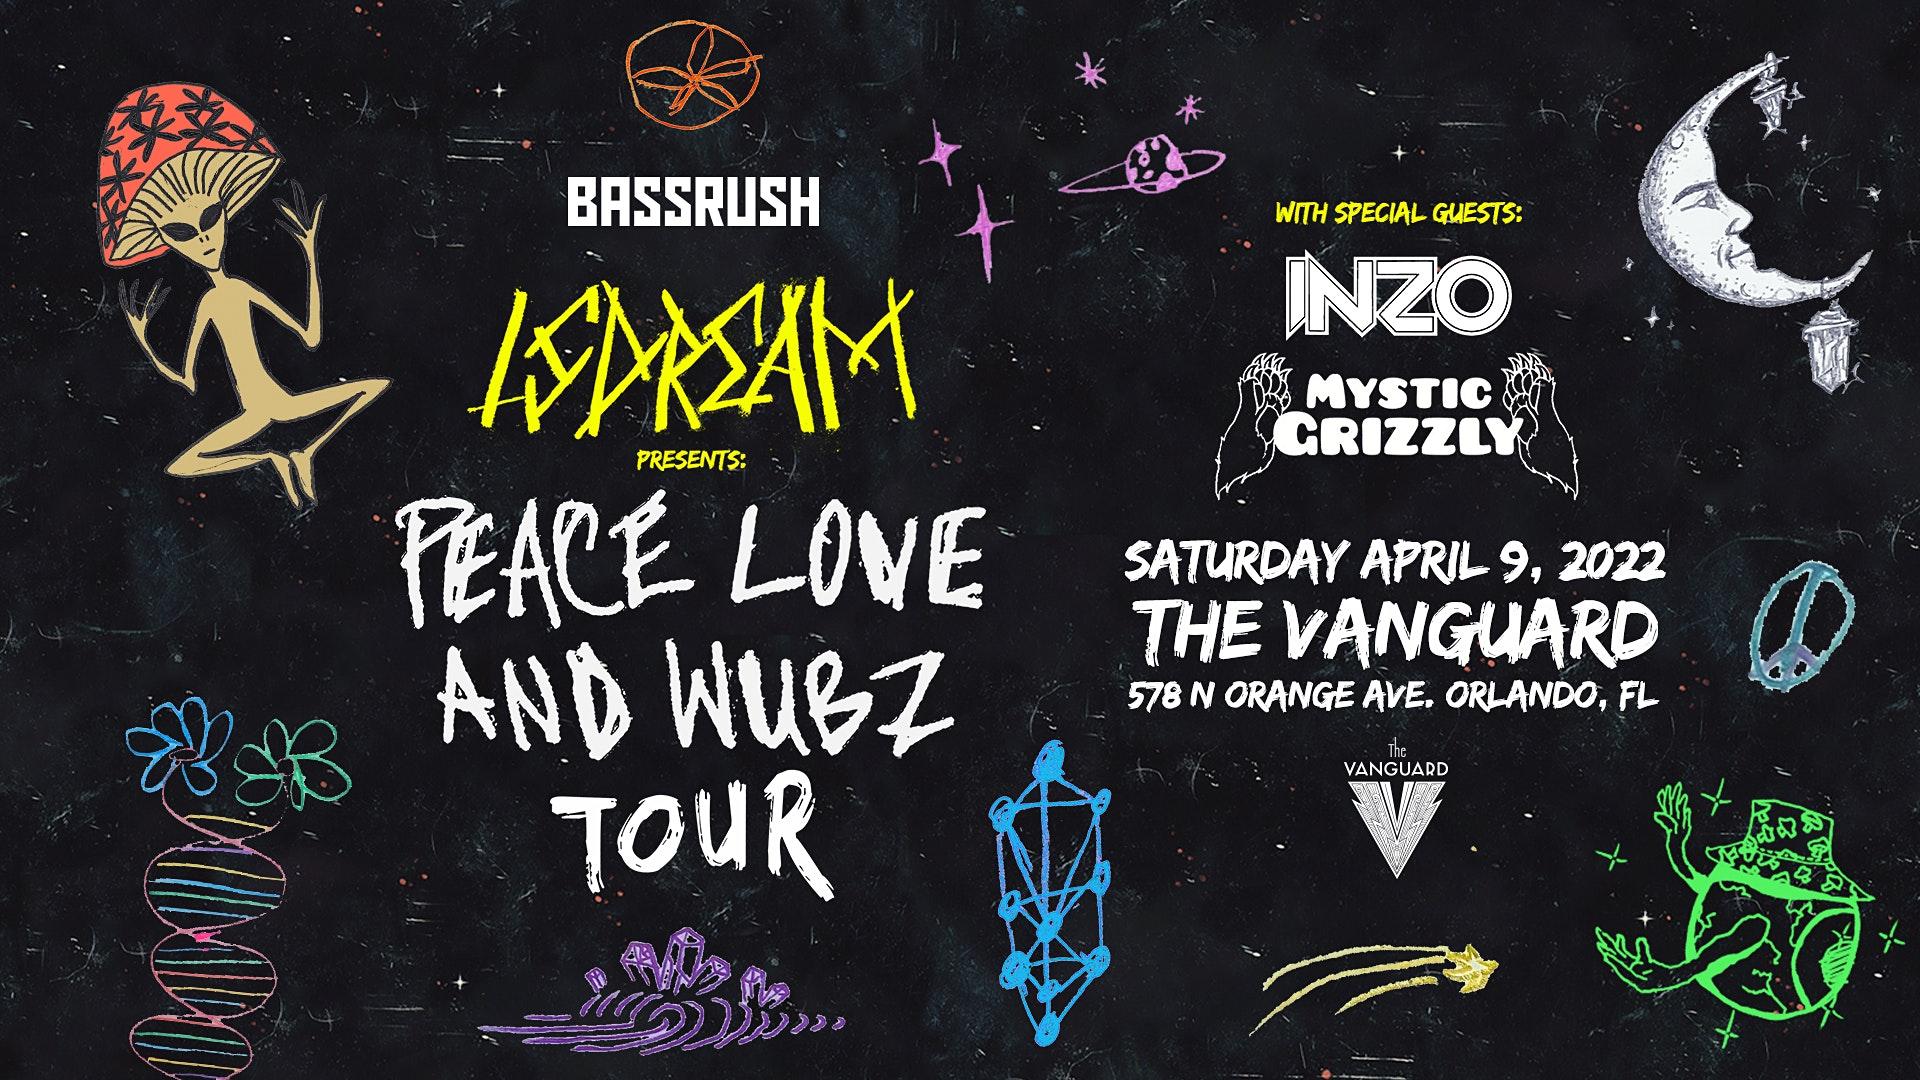 Bassrush Presents: LSDREAM